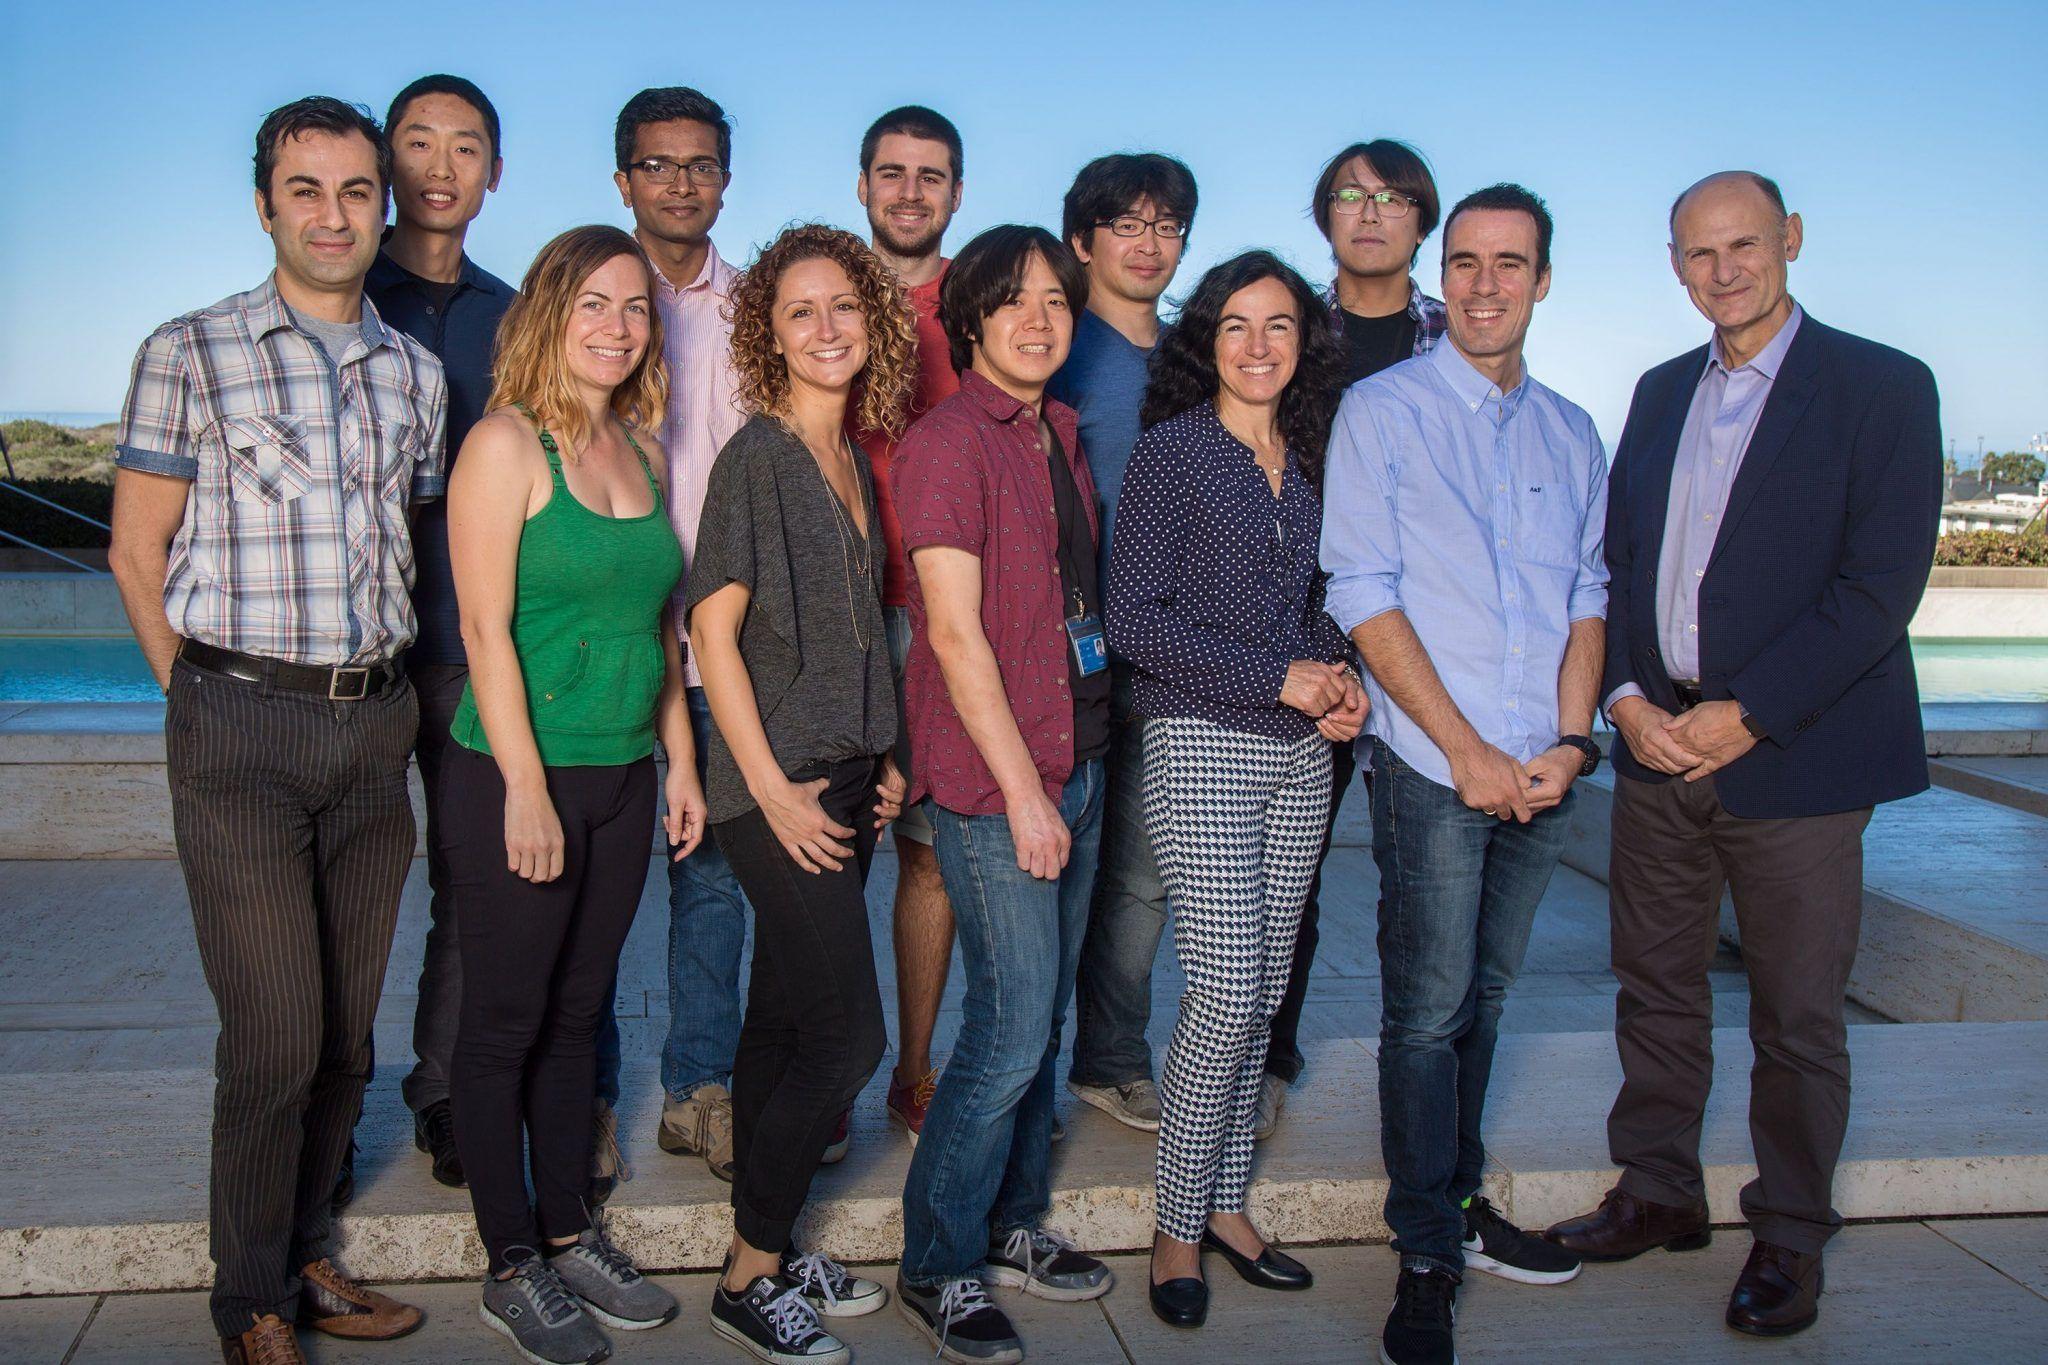 Miembros del equipo de investigación de Juan Carlos Izpisúa Belmonte. Imagen cortesía del Instituto Salk de Estudios Biológicos.